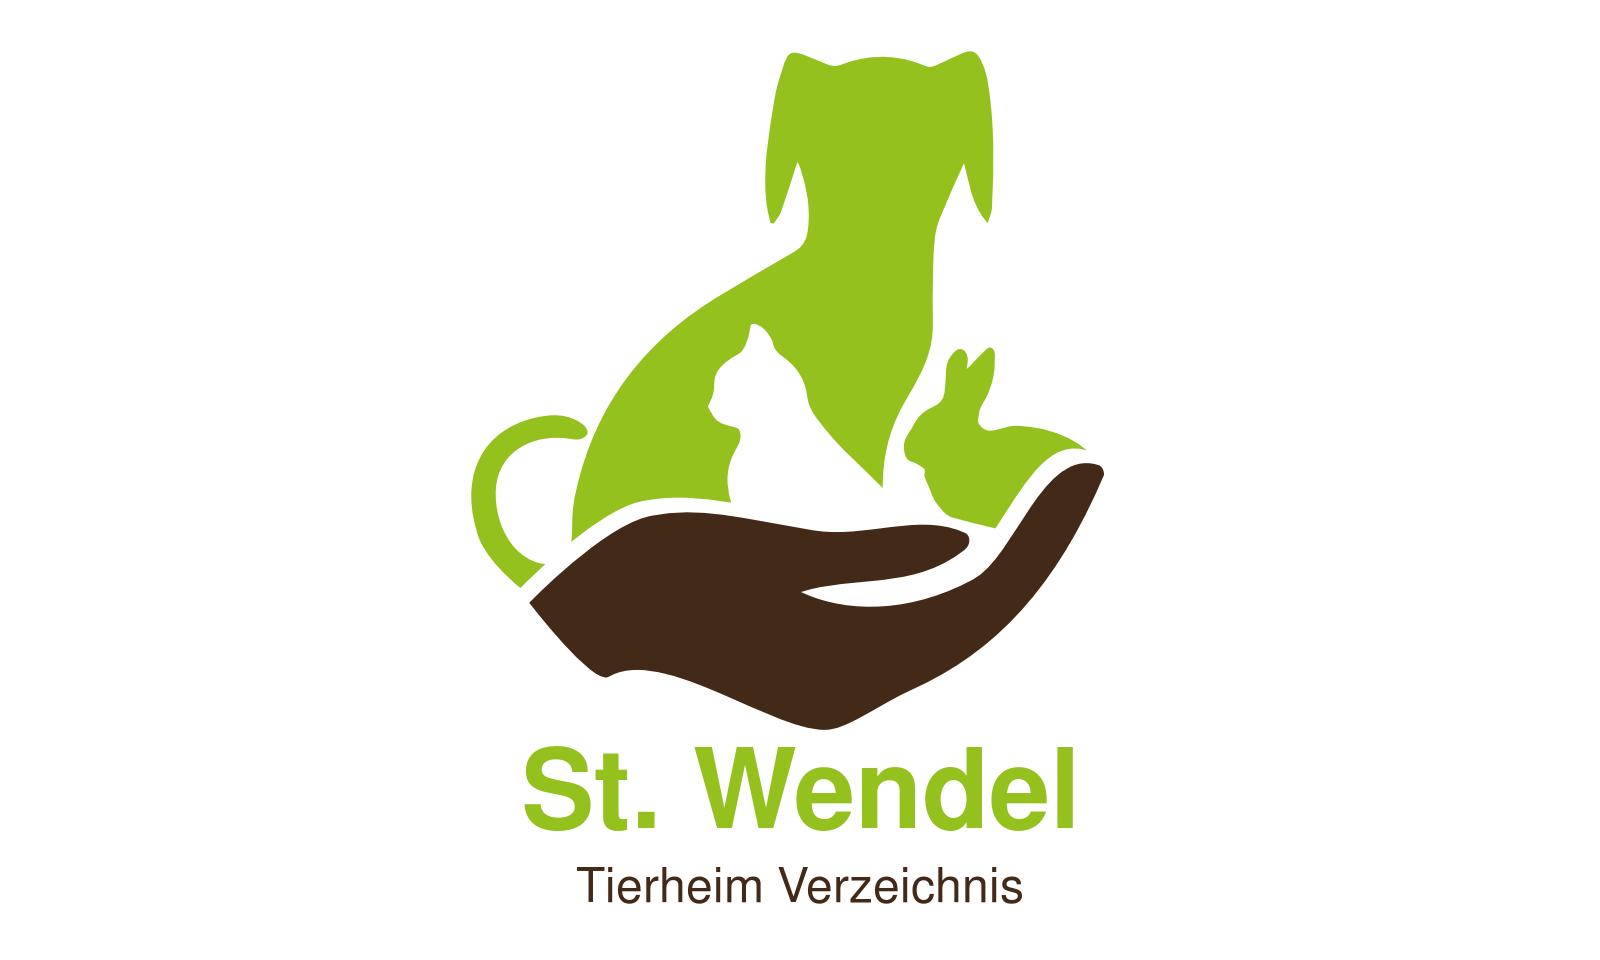 Tierheim St. Wendel